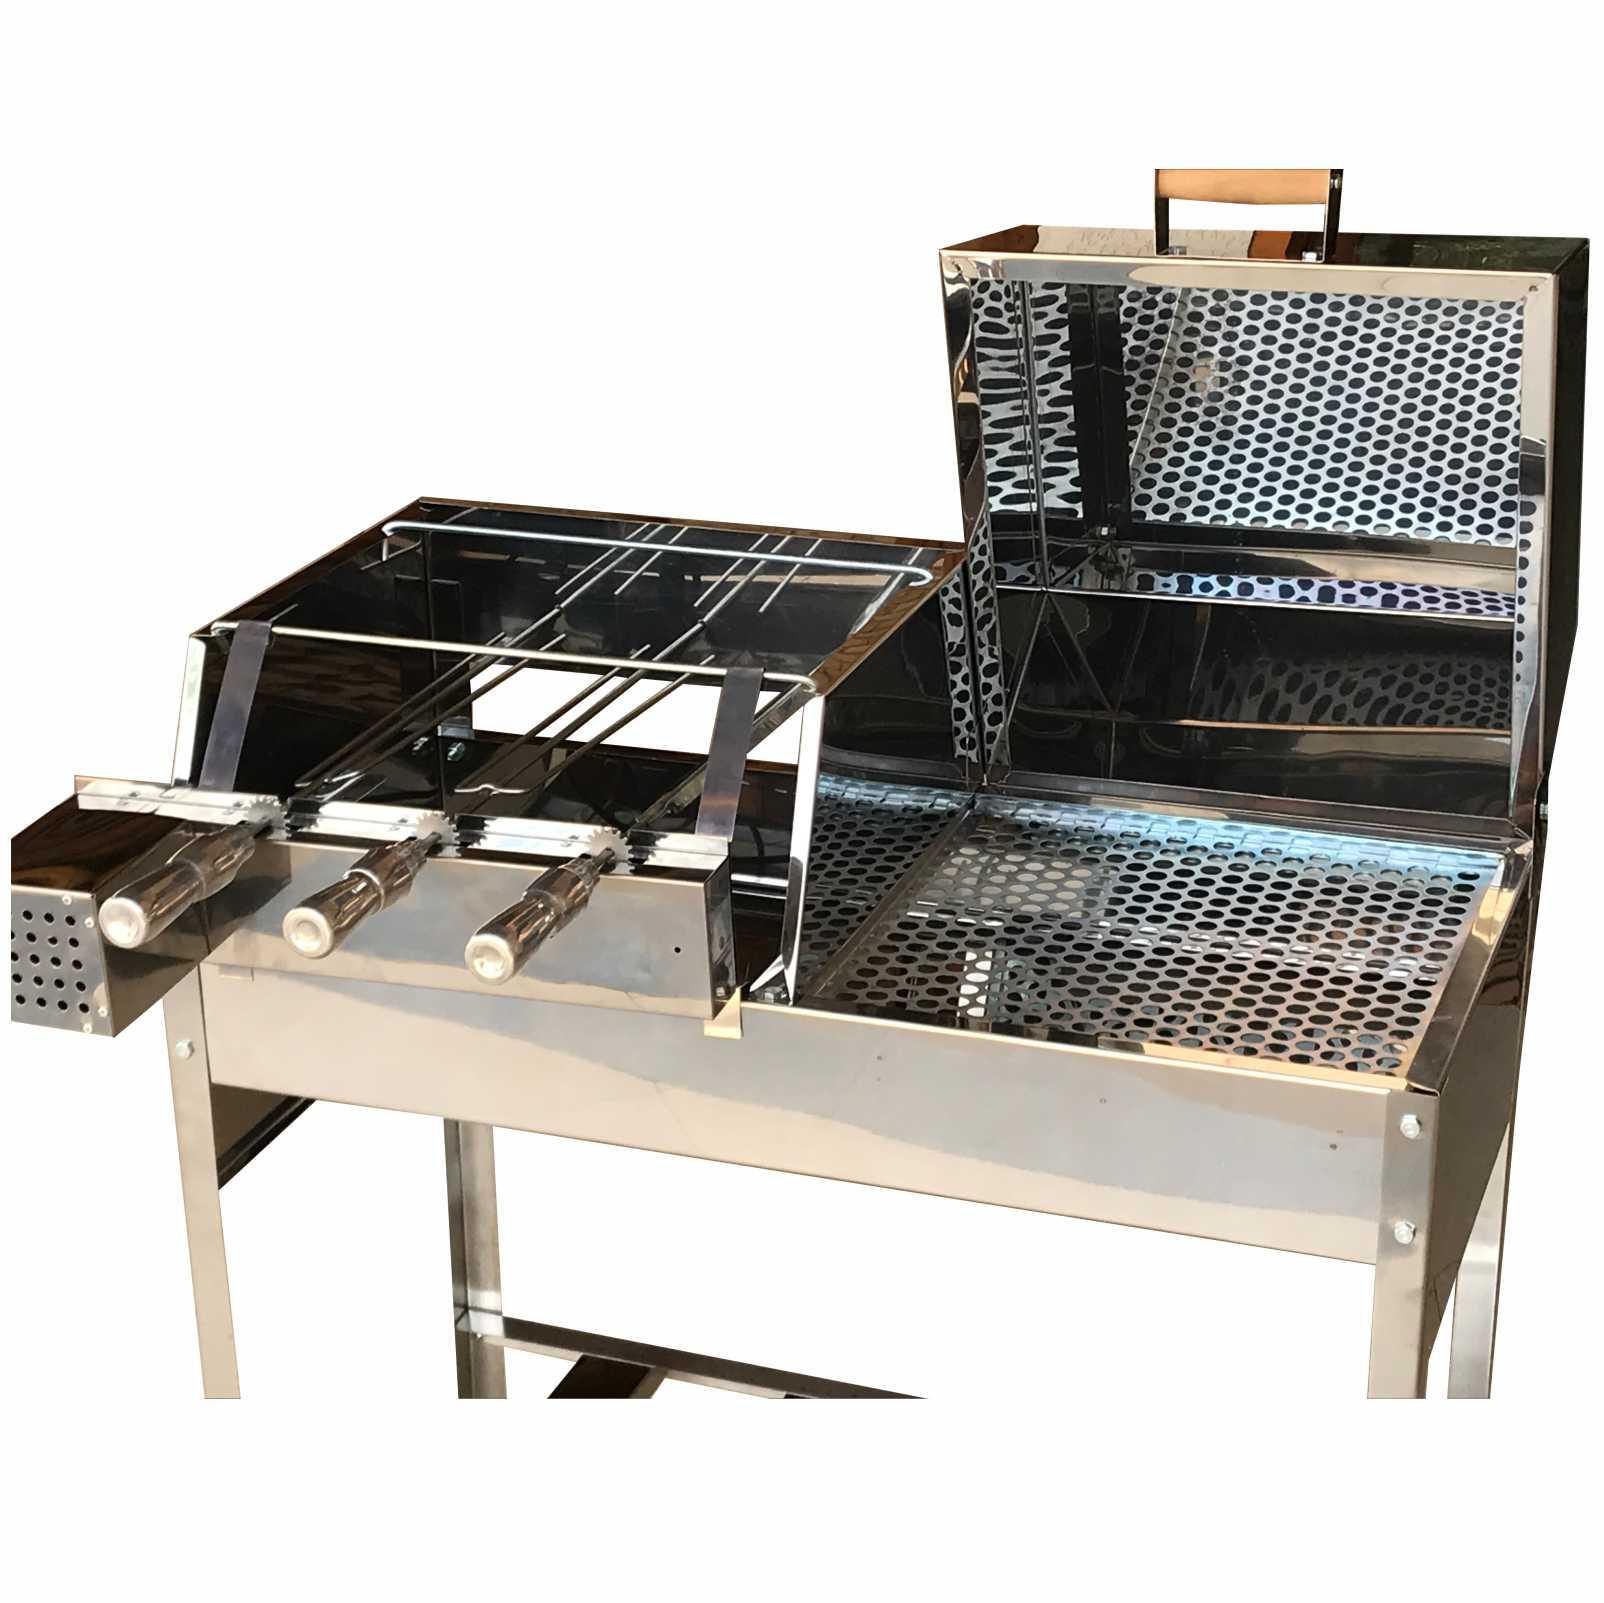 Churrasqueira Carvão Inox Mista Meio Bafo E Grill Giratório Tam 85x41 Com Kit Giratório 3 Espetos